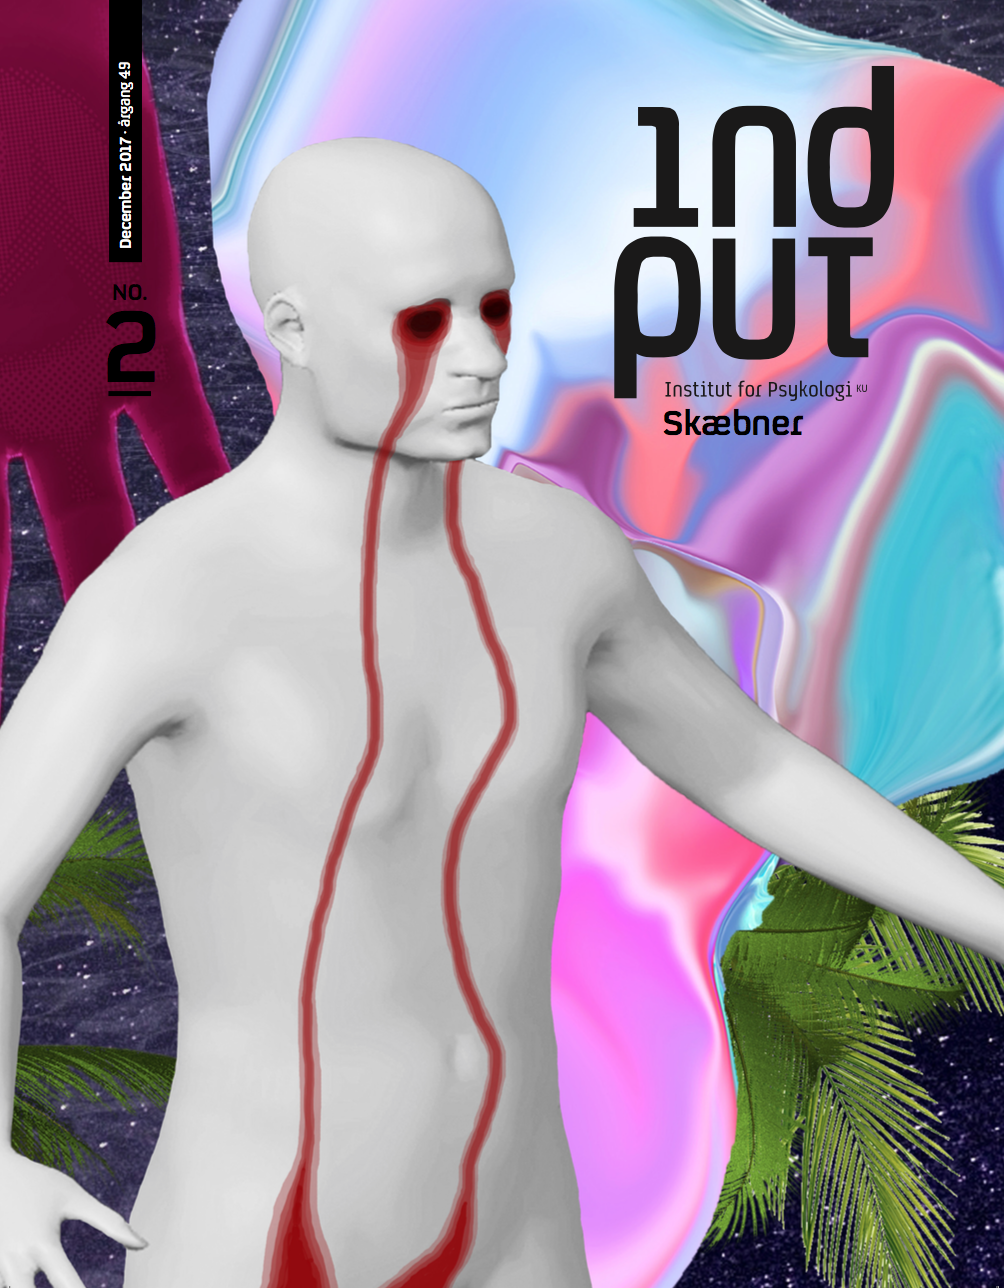 Læs bladet - åbner pdf i nyt vindue